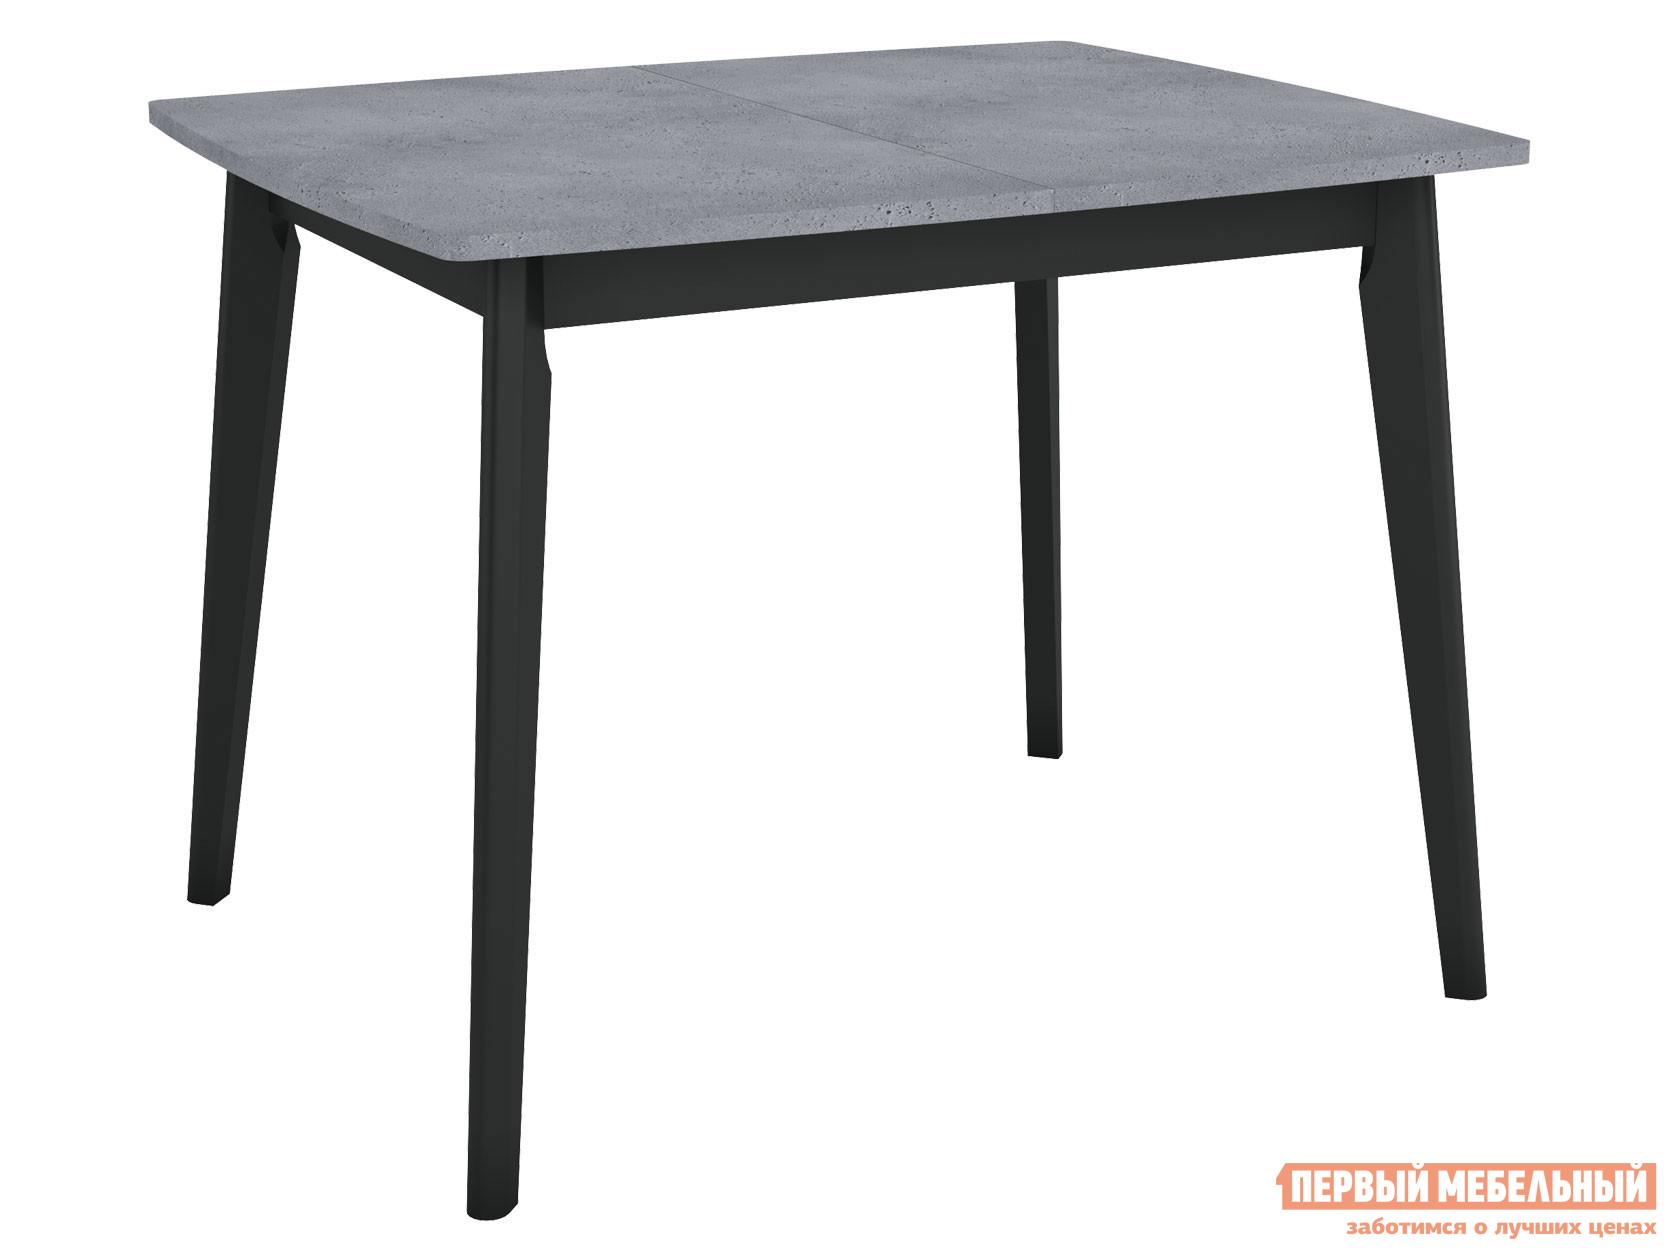 Кухонный стол  Обеденный Vesteros 1200 Бетон Портленд / Черный, Малый Stolmann 137718